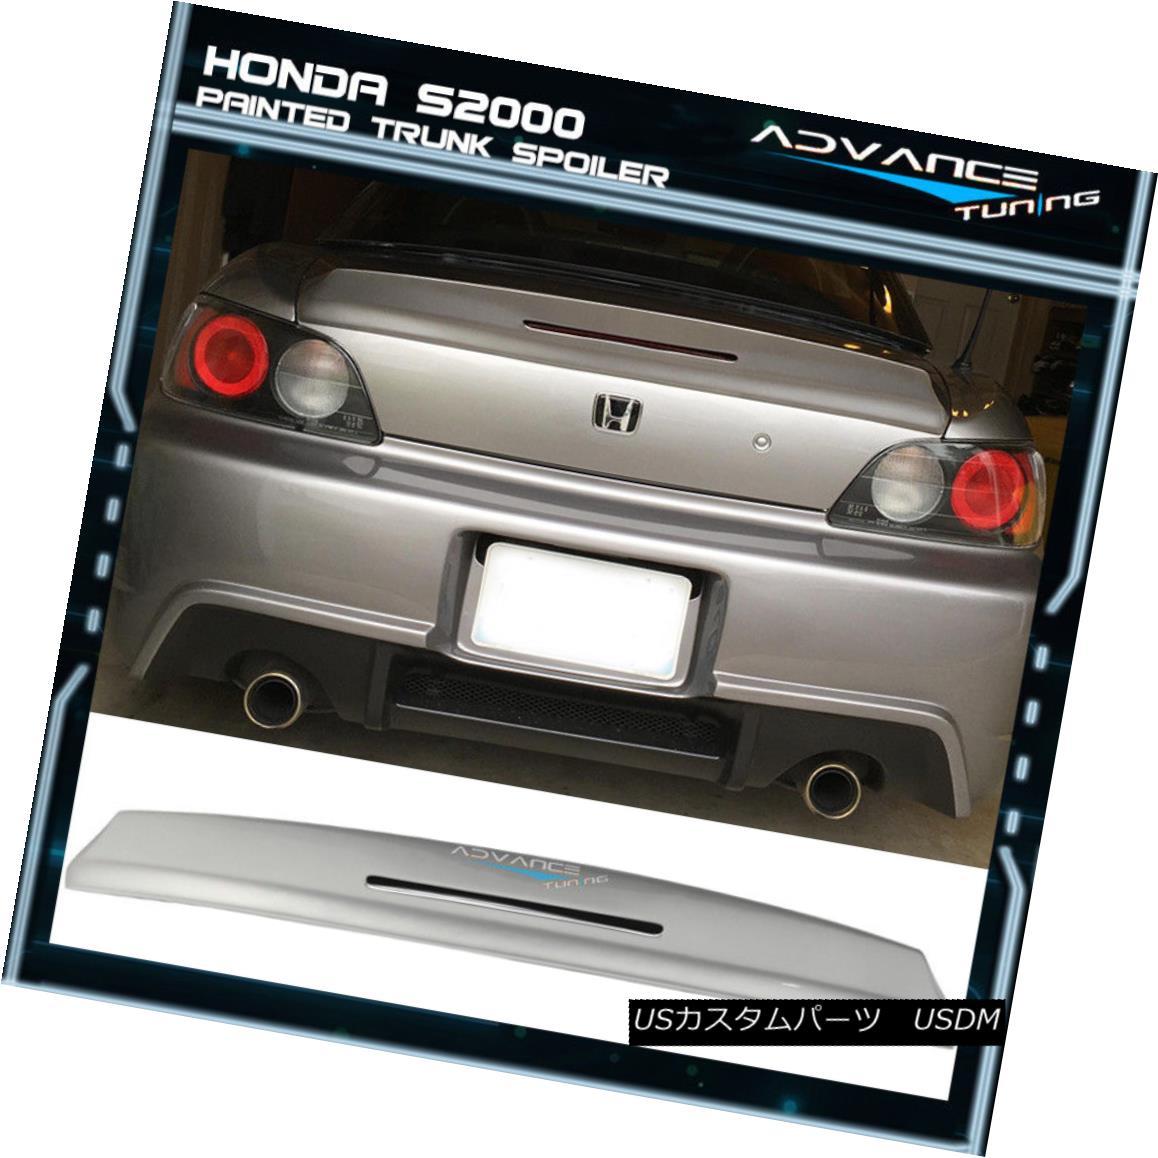 エアロパーツ 00-09 S2000 AP1 AP2 TM OEM Painted Trunk Spoiler #NH552M Sebring Silver Metallic 00-09 S2000 AP1 AP2 TM OEM塗装トランク・スポイラー#NH552Mセブリングシルバー・メタリック